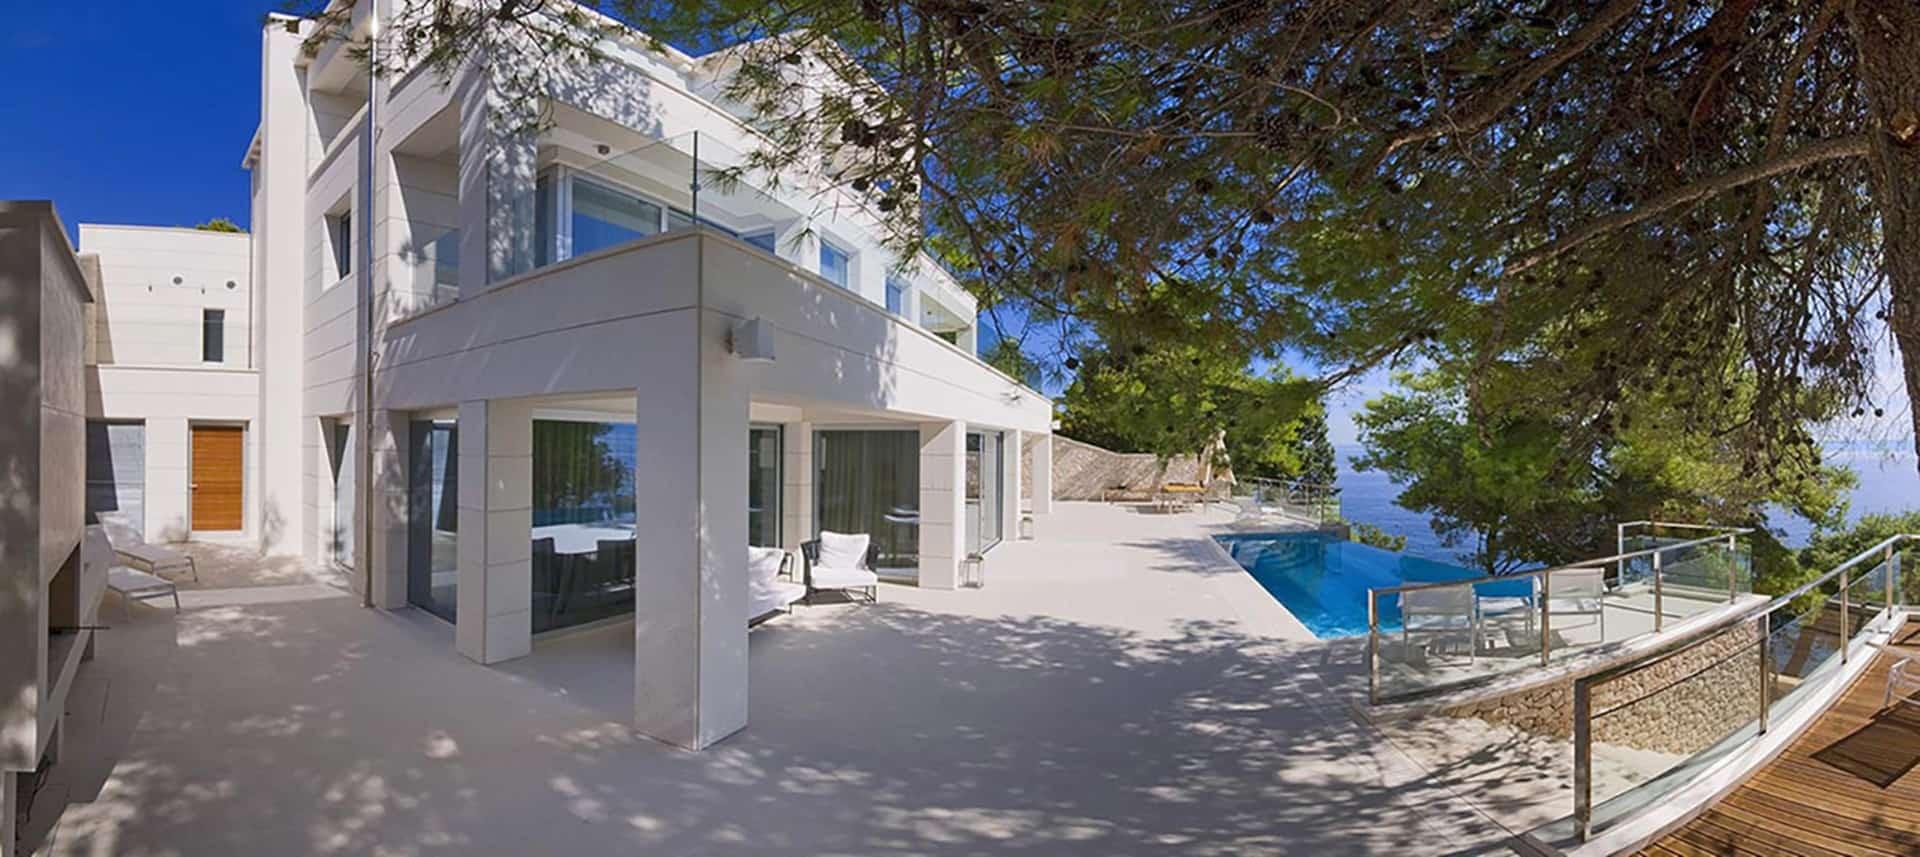 Luksuzna vila  s bazenom kraj mora